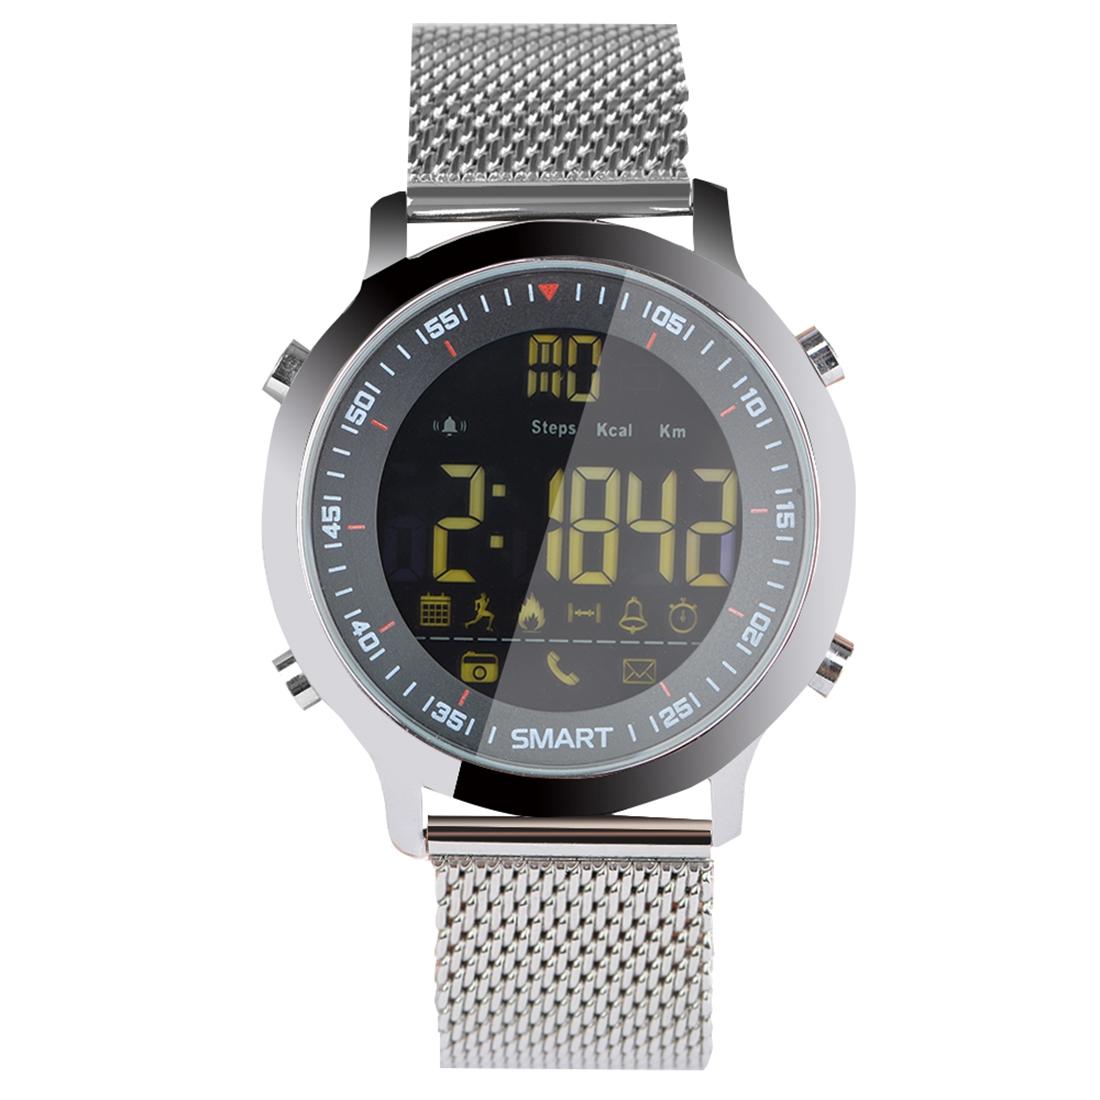 Xiaomi Xiaomi - EX18C Inteligentní sportovní hodinky FSTN obrazovka s plným náhledem, stříbrná